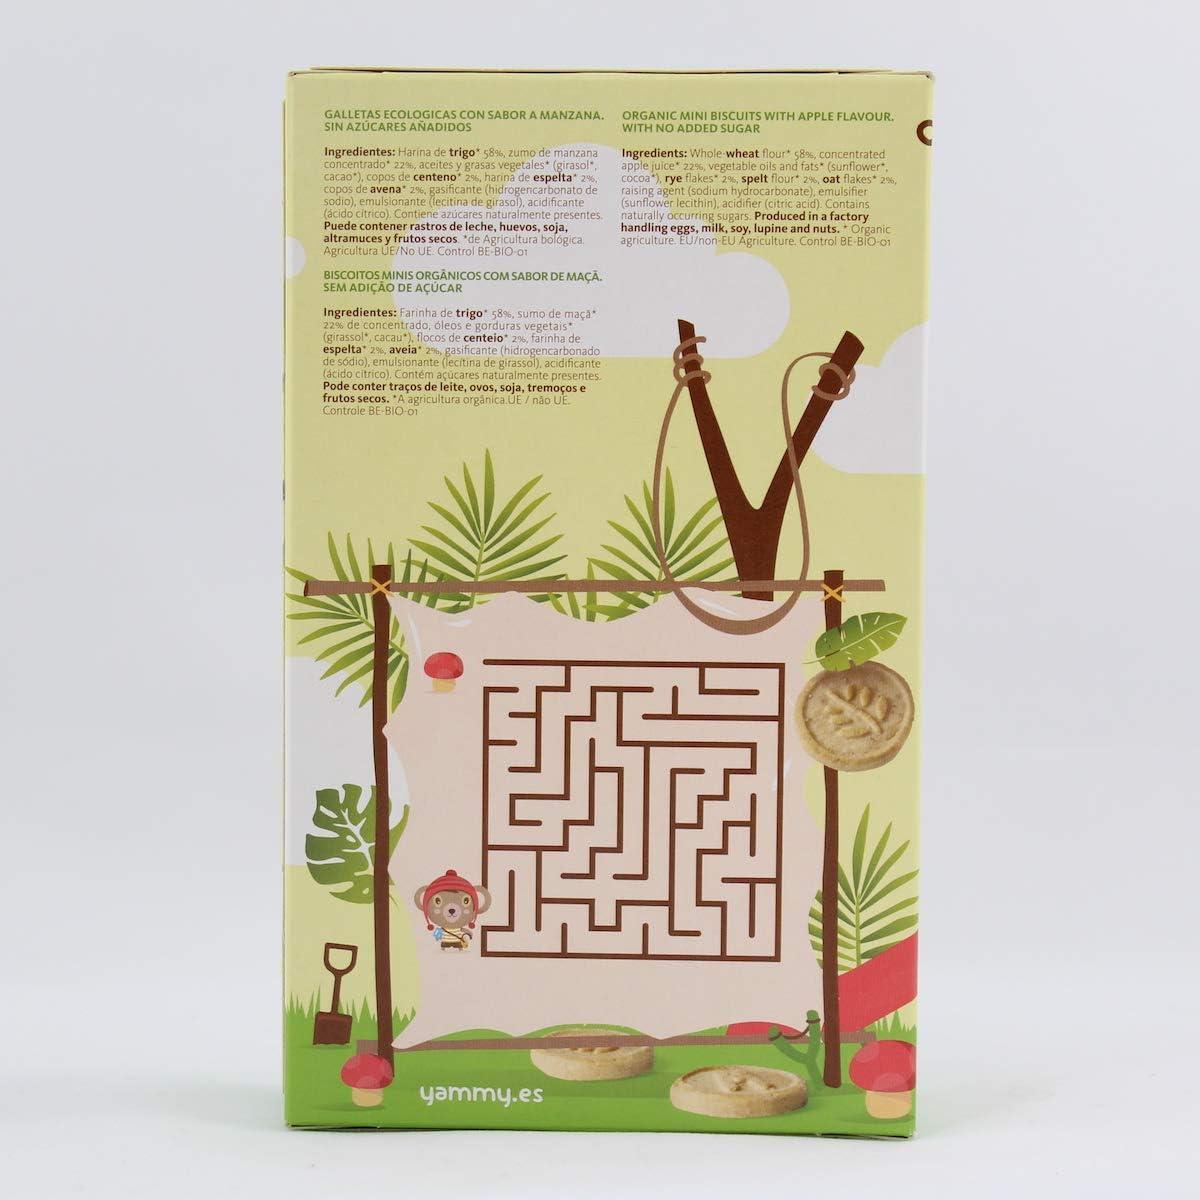 Yammy, Galleta Ecológica Infantil (Mini Letras Multicereales) - 6 de 120 gr. (Total 720 gr.): Amazon.es: Alimentación y bebidas